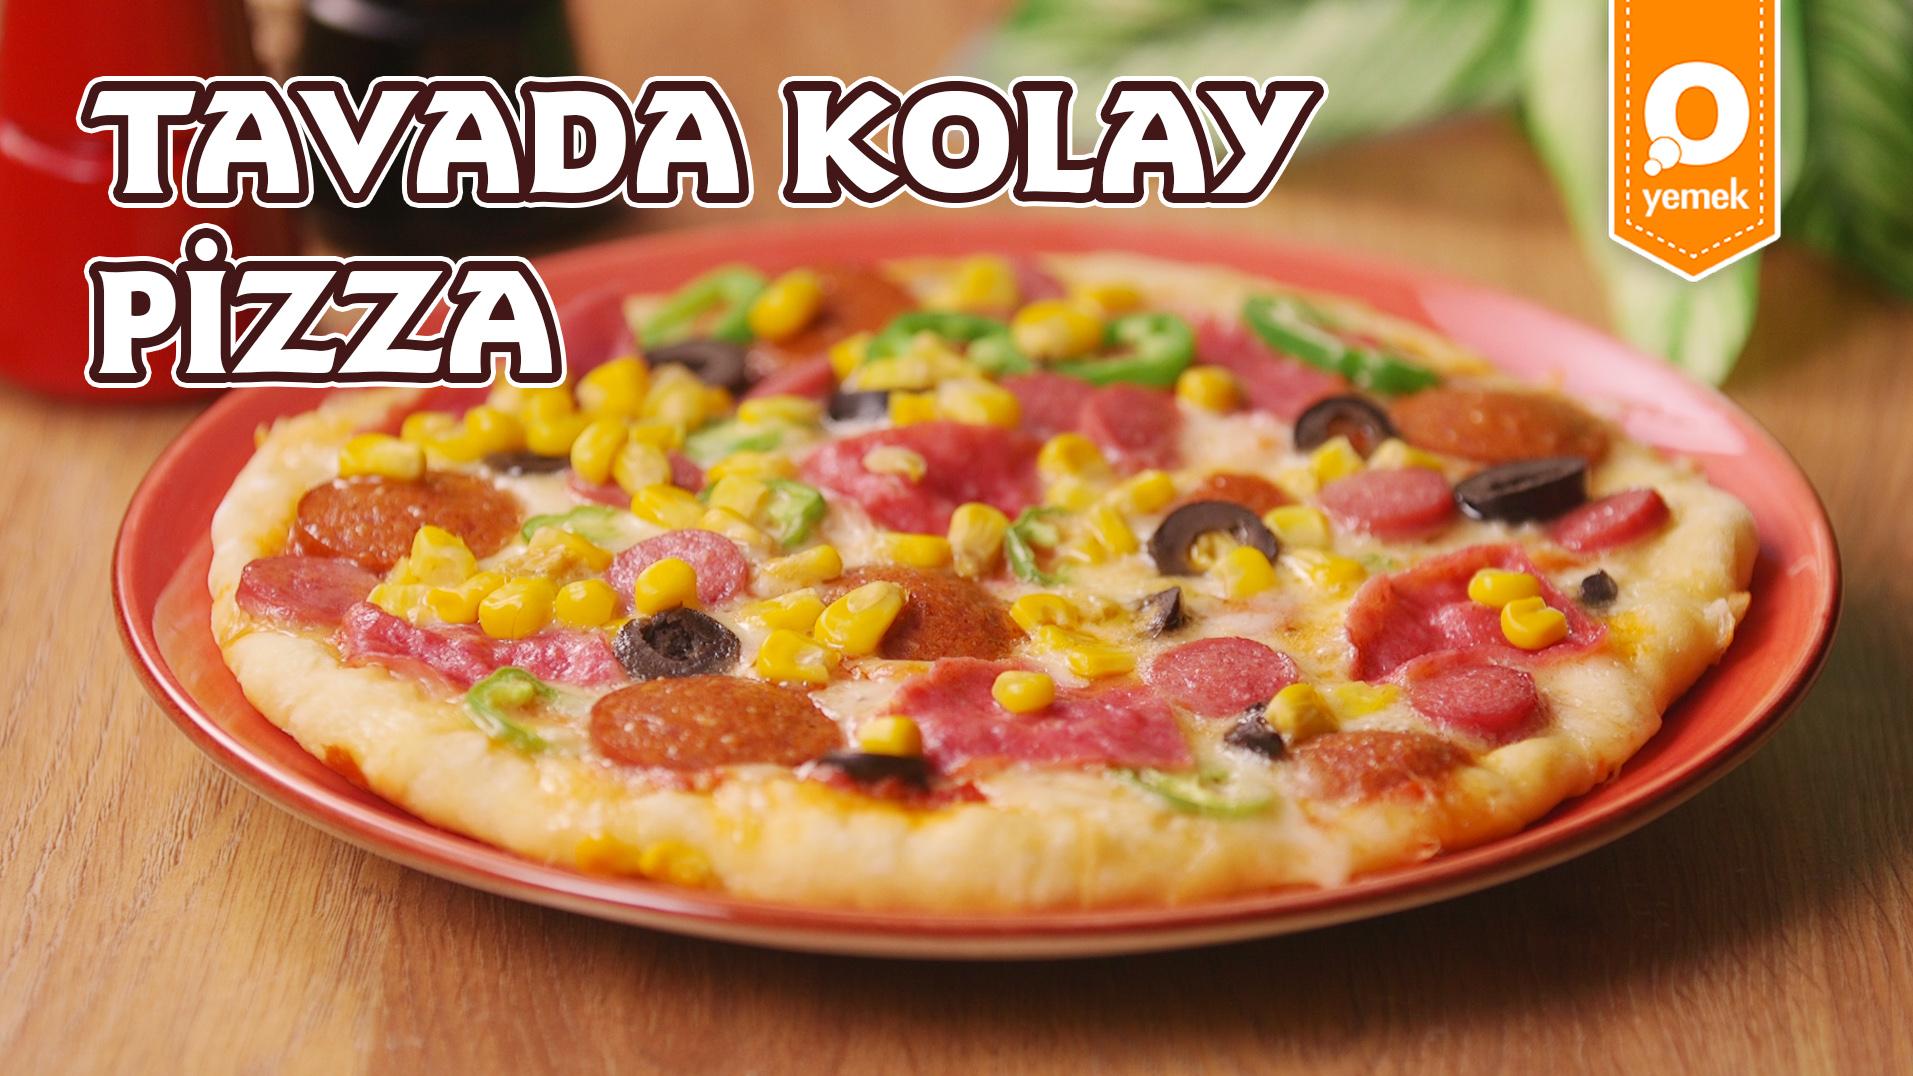 Yapımı Kolay Lezzetli Mi Lezzetli Bir Tarif: Tavada Kolay Pizza Nasıl Yapılır?